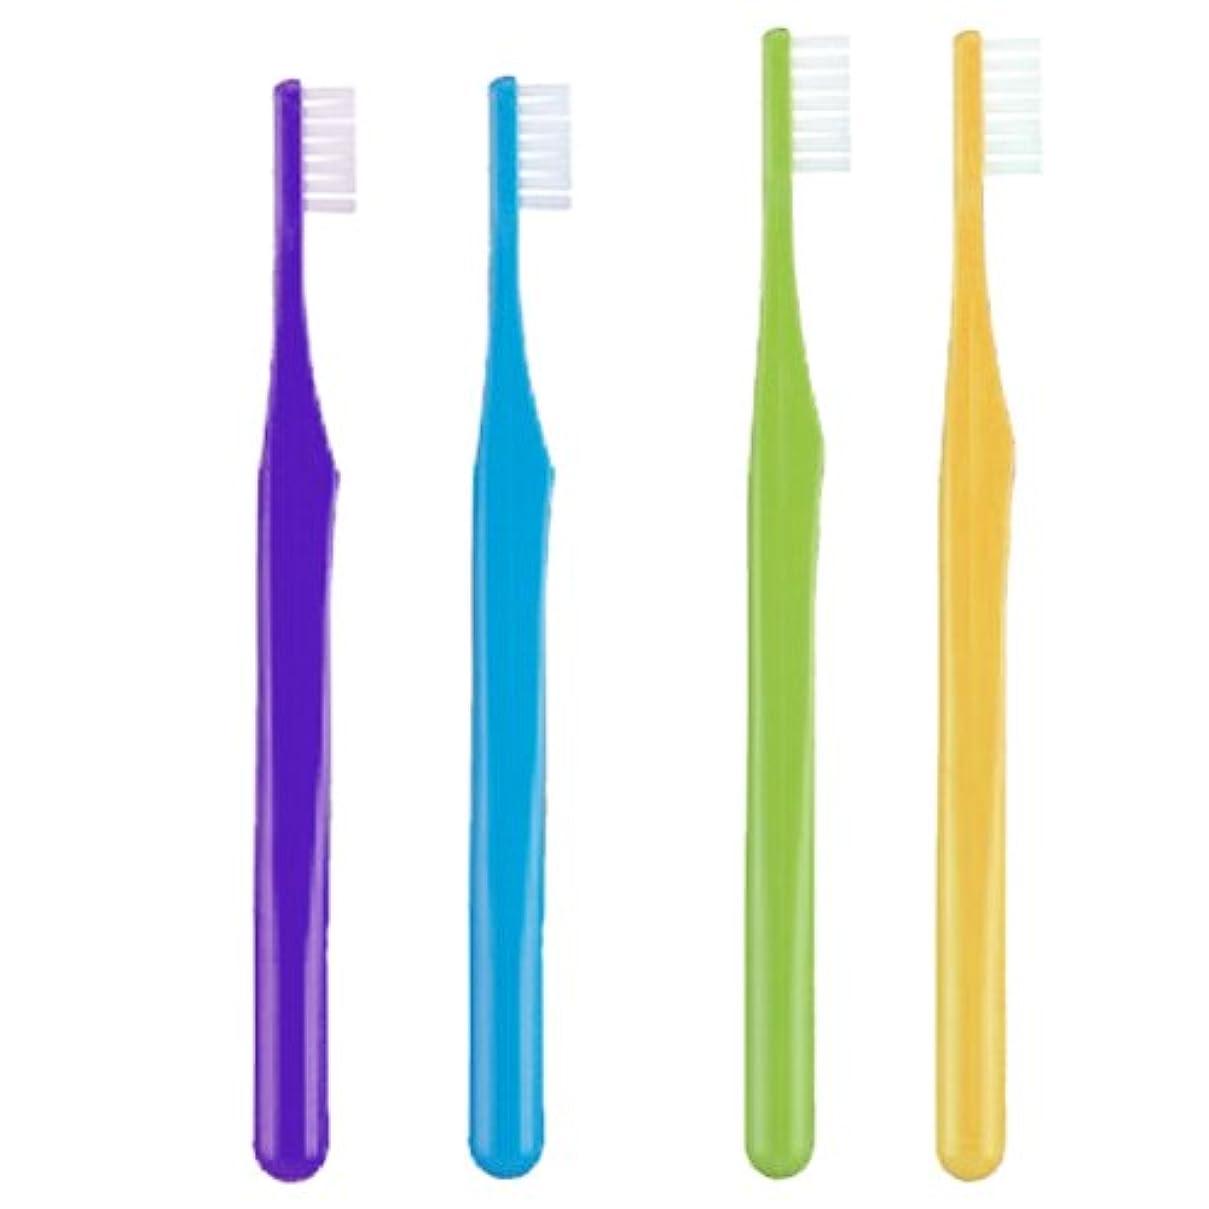 暗殺気絶させるランデブープロスペックプラス歯ブラシ1本タイニー/スモール (スモール)